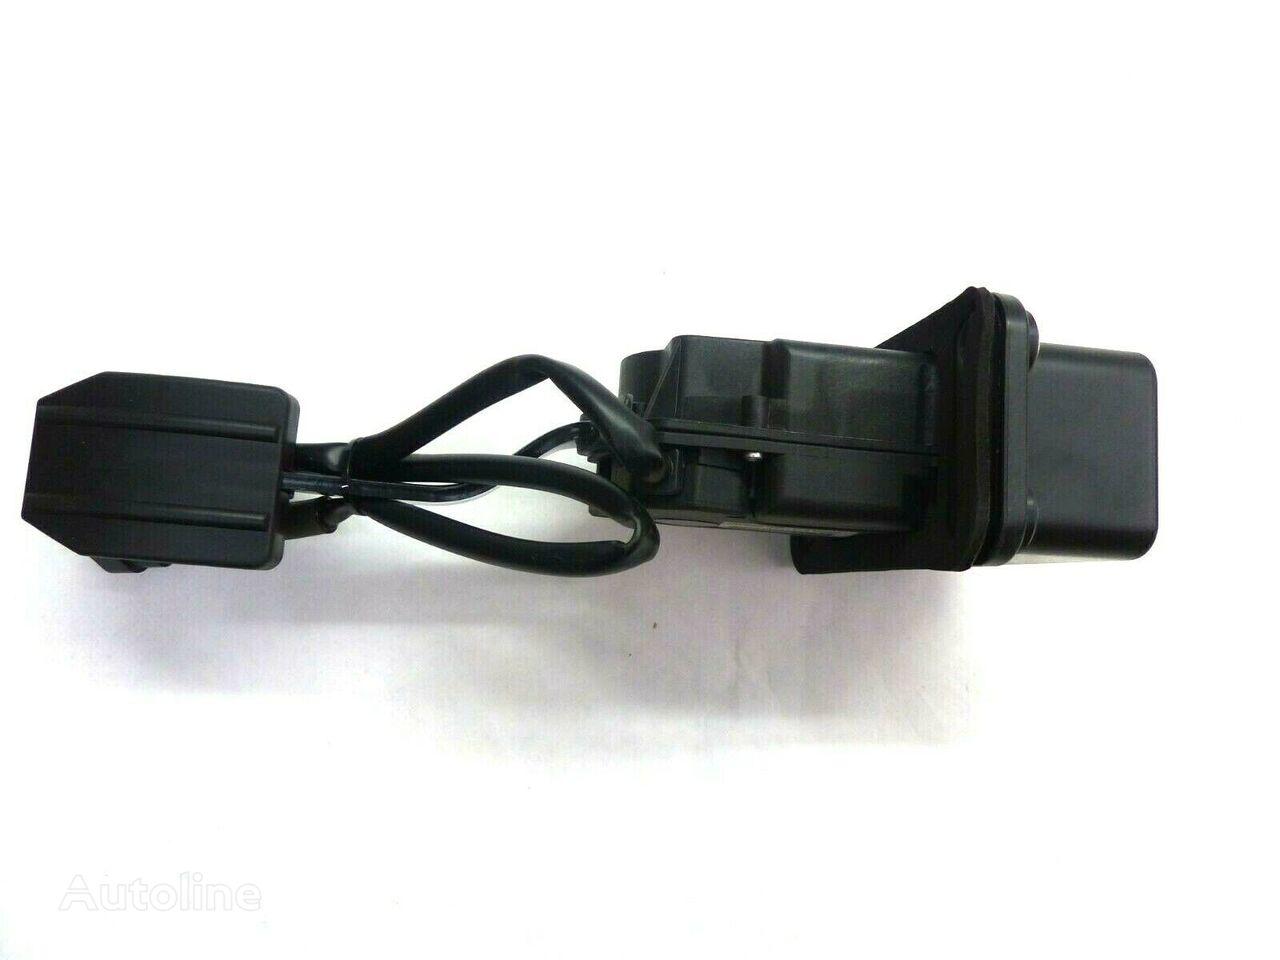 IVECO Original Pedal Gaspedal (41227746) pedal de acelerador para camión